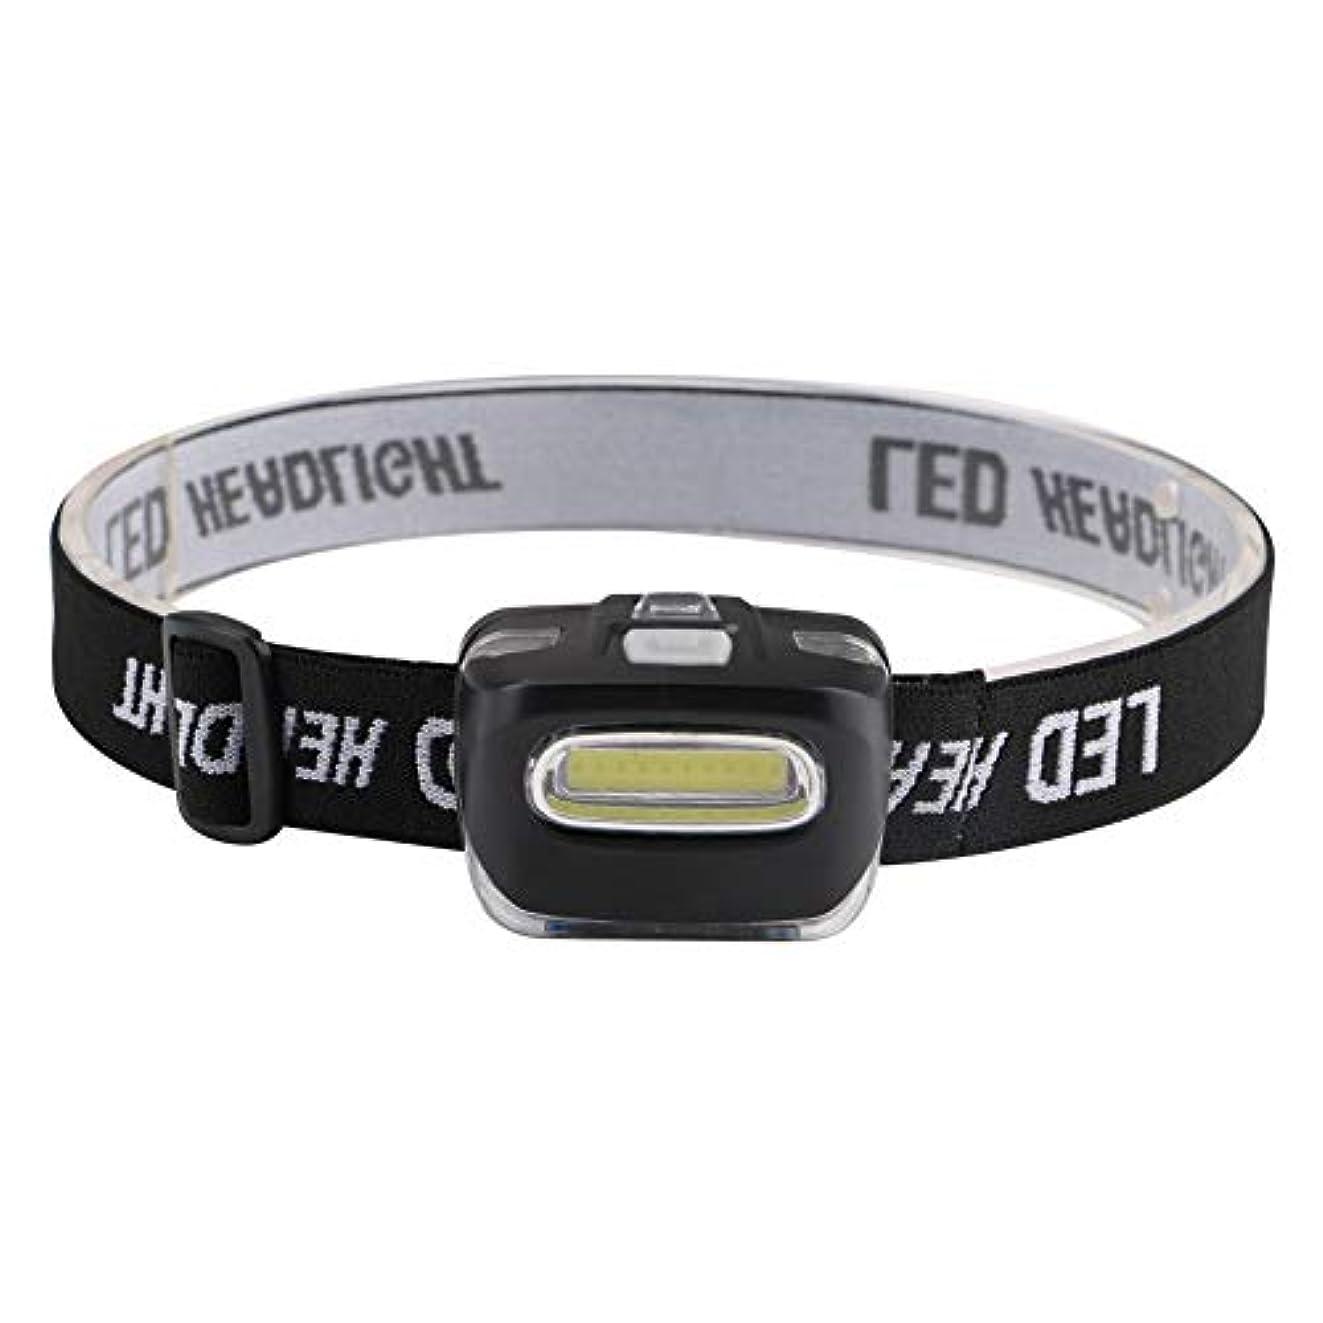 金額学校教育オートマトンZAYAR ヘッドライト LED 電池駆動式 防水 超軽量 45°角度調整可 防災 登山 夜釣り 作業 キャンプ 散歩 アウトドア用